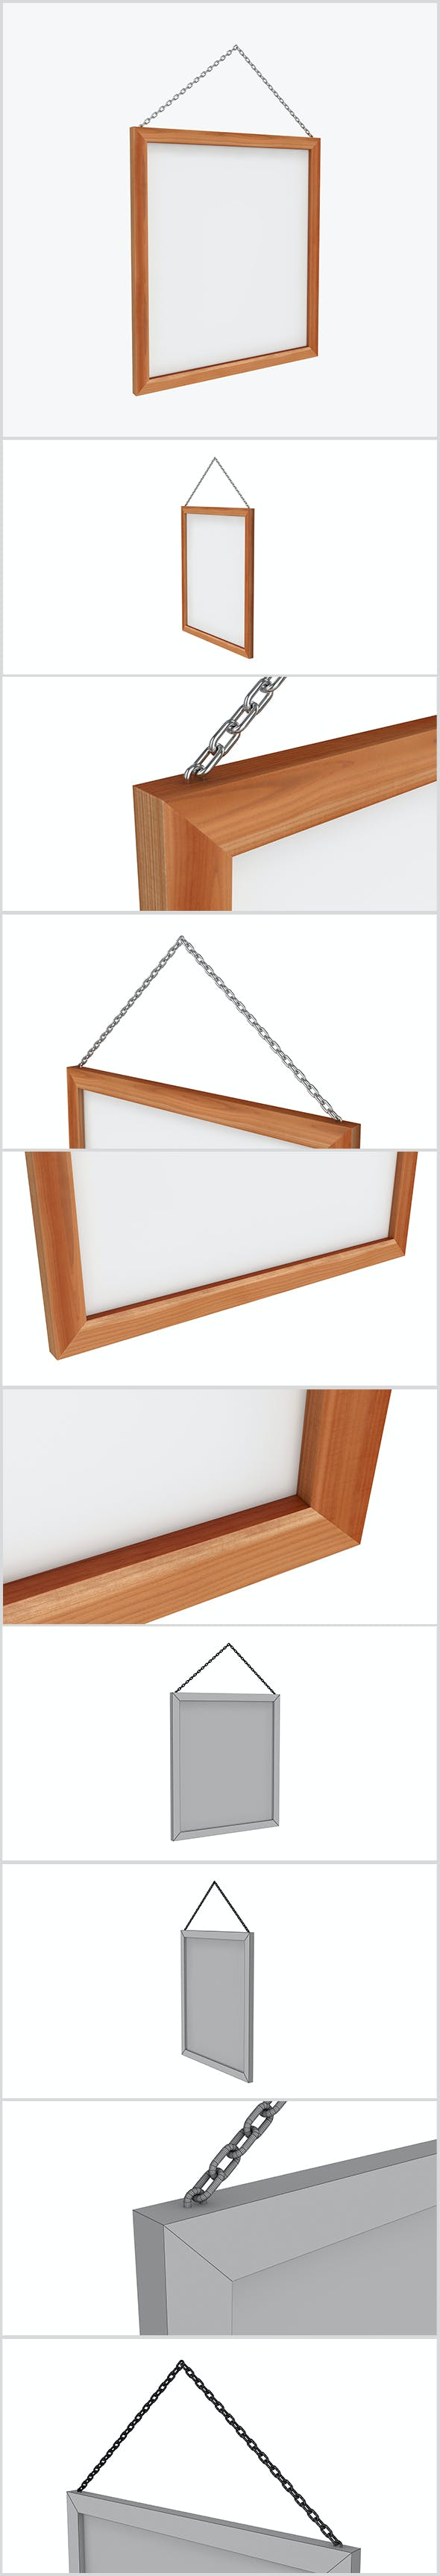 Wood Frame 3D - 3DOcean Item for Sale